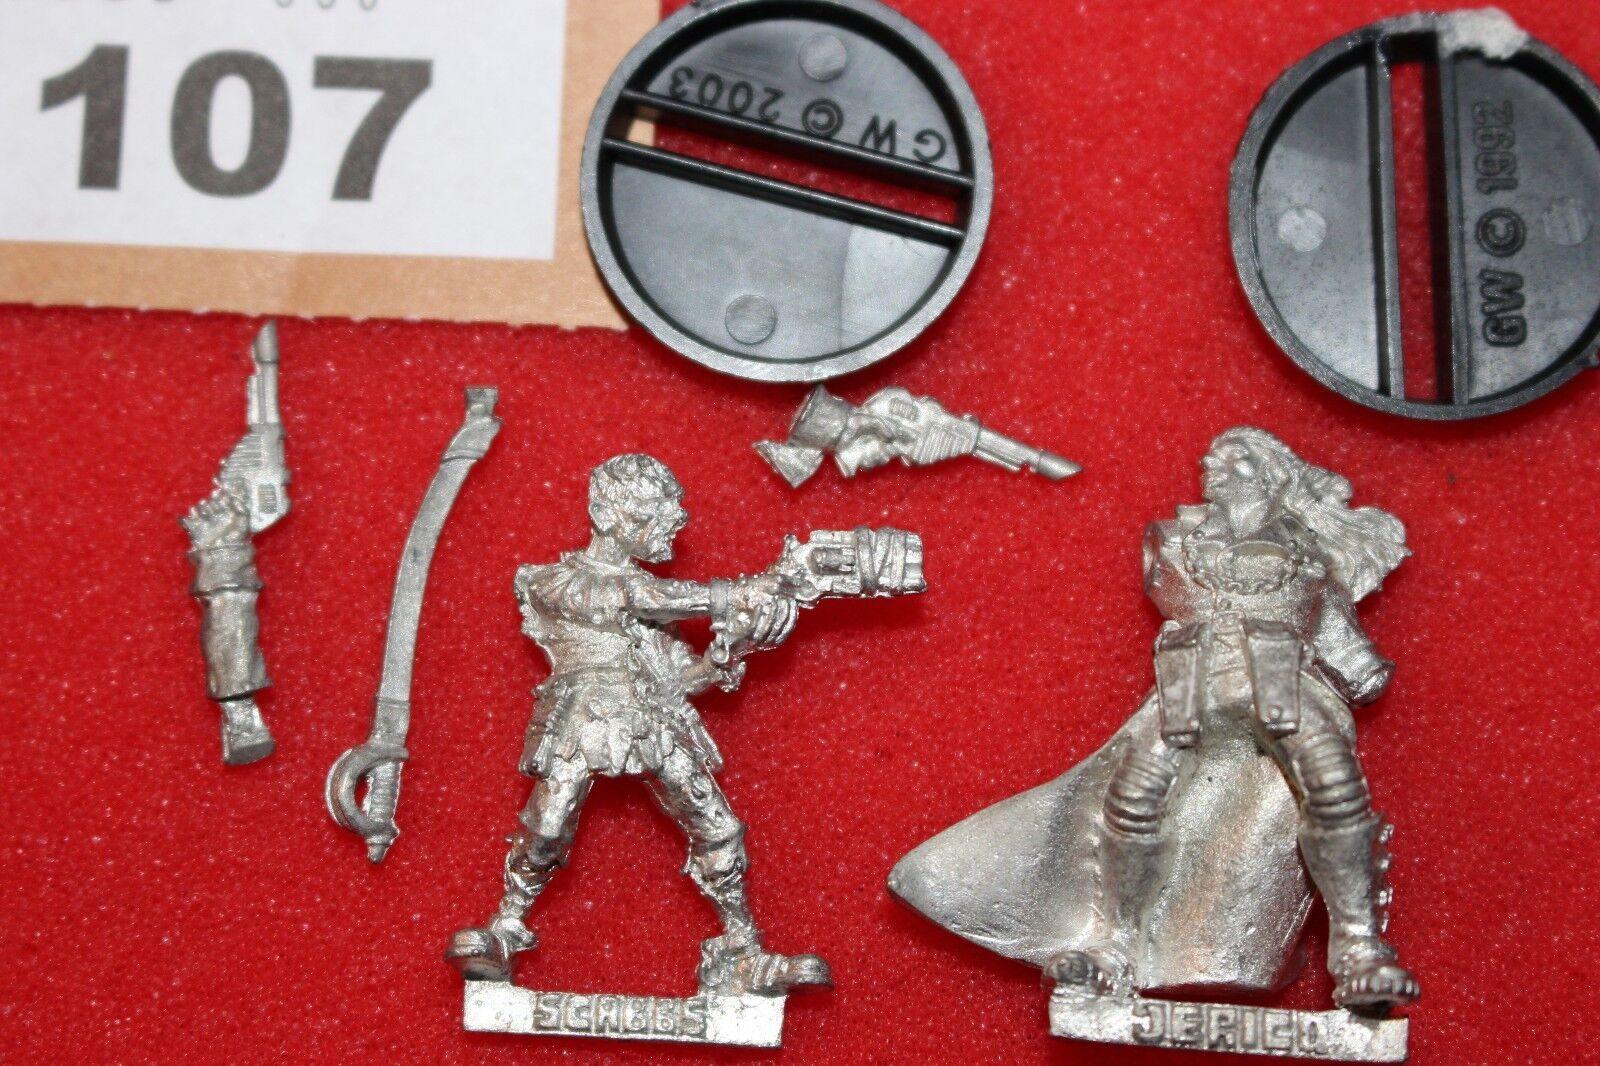 el mas de moda Juegos Workshop Necromunda Kal Jericho y scabbs scabbs scabbs Edición Limitada figuras de metal B  ahorra hasta un 80%